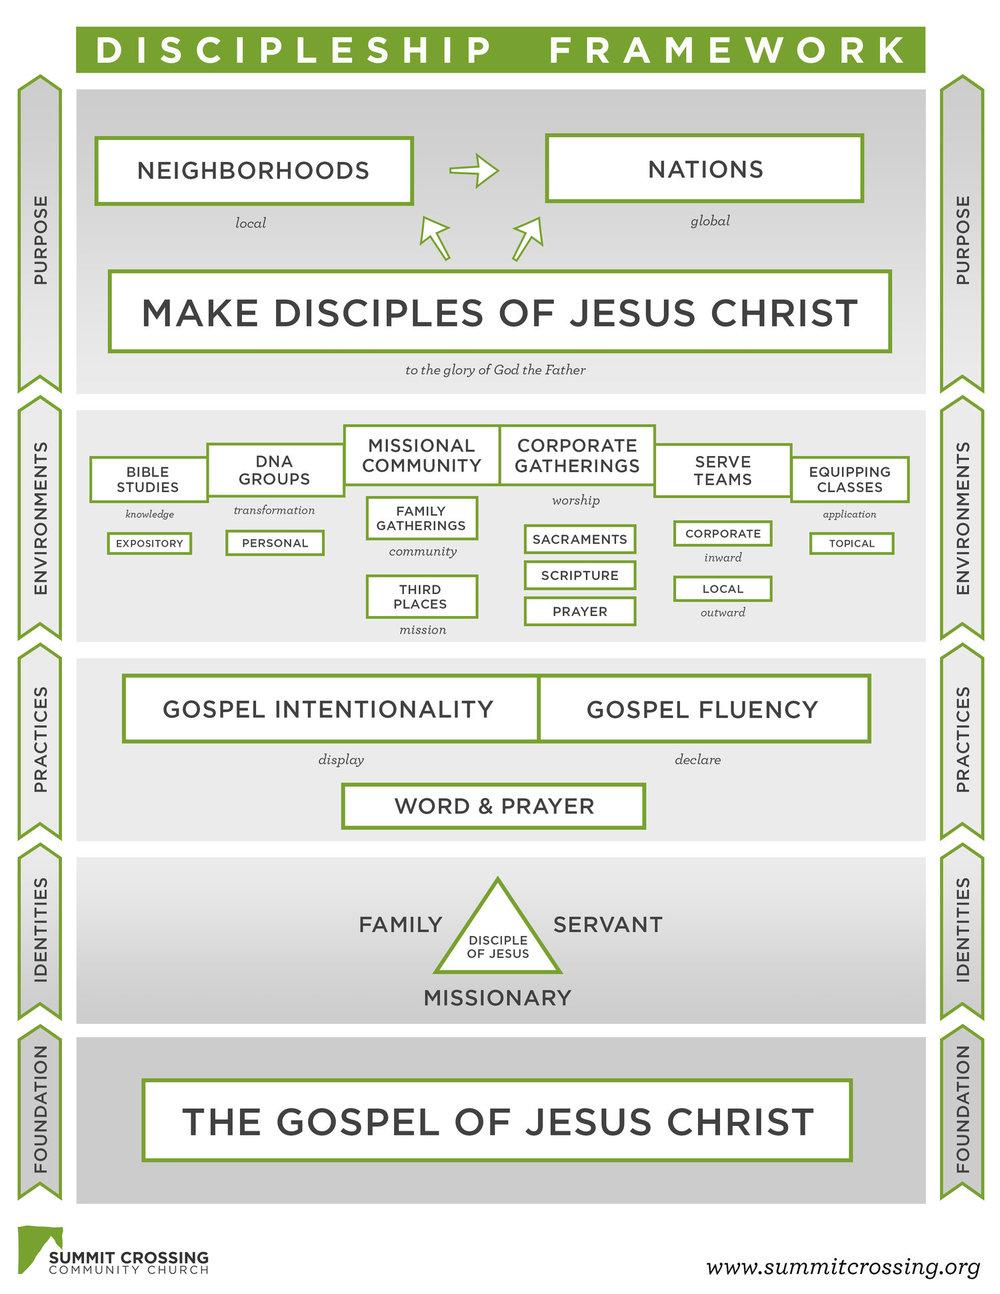 Discipleship+Framework.jpg